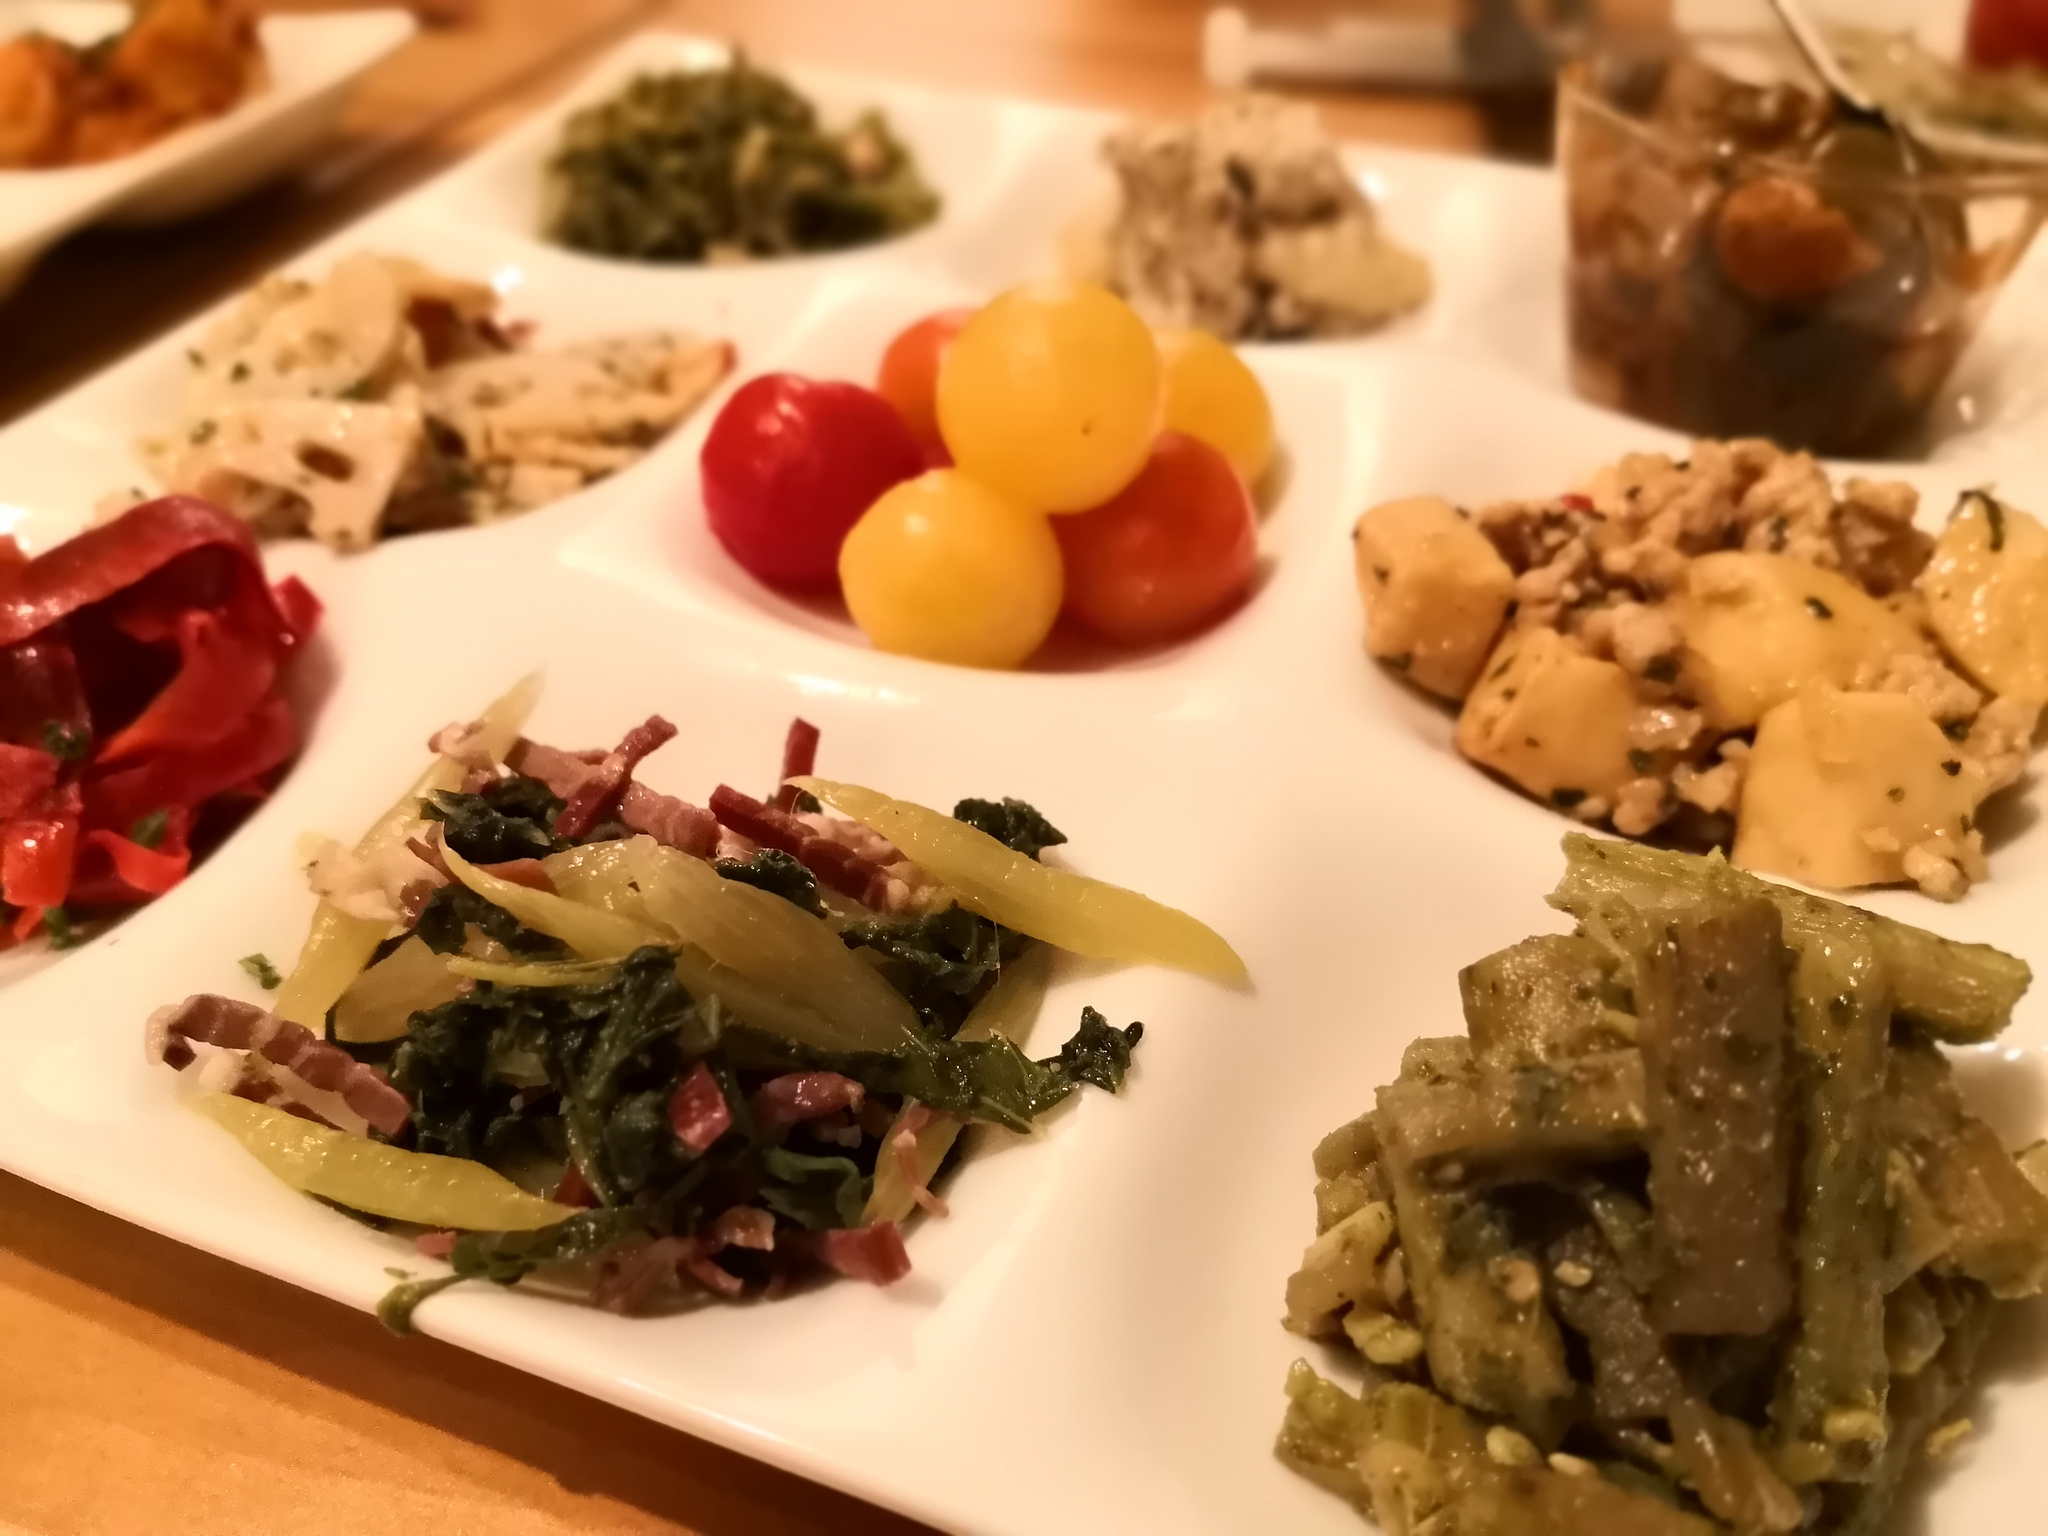 【千歳船橋】和献洋菜Hi-Bi@種類豊富な野菜前菜とセンスのいいアテたちでワインが進む!